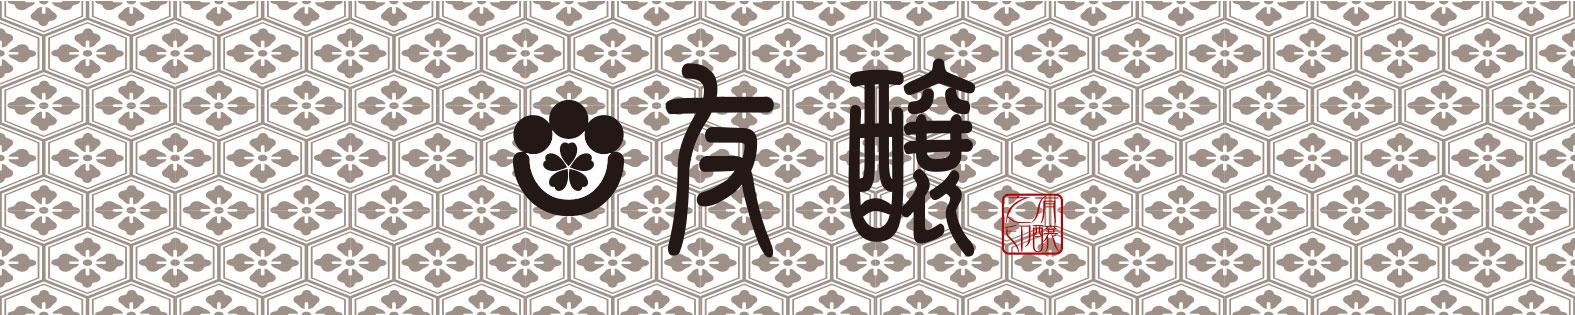 【日本酒】鏡山 新酒搾りたて 純米吟醸 無濾過生原酒 美山錦50 限定 新酒26BY_e0173738_1017268.jpg